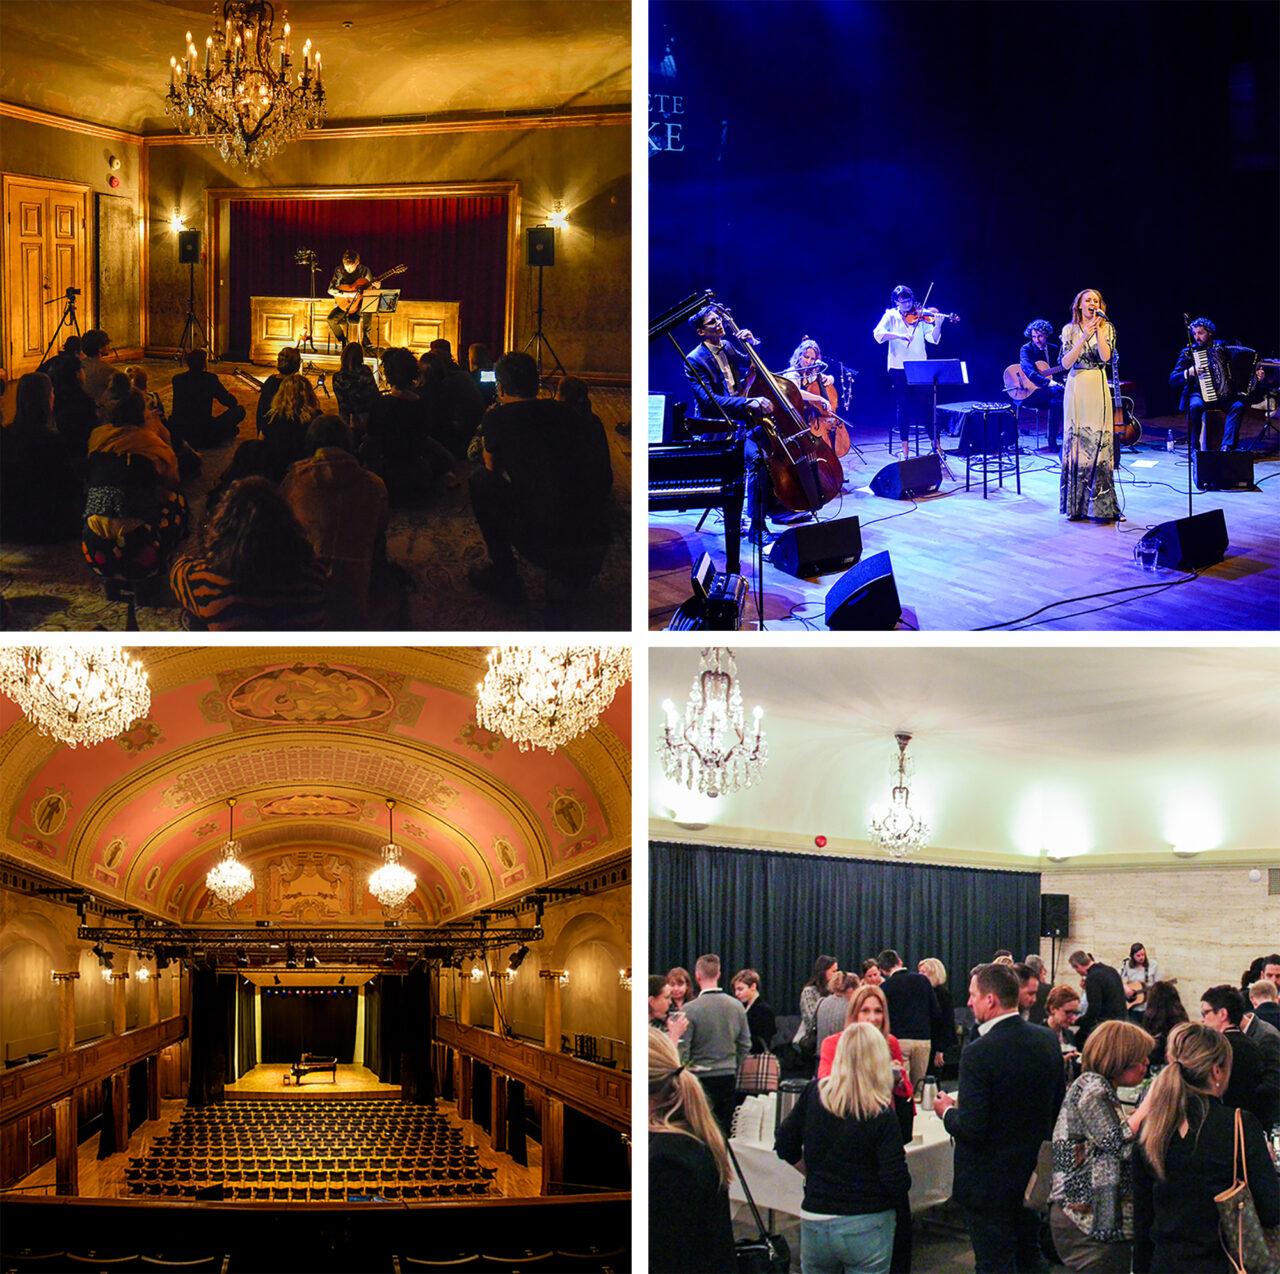 konsert och mingelbilder